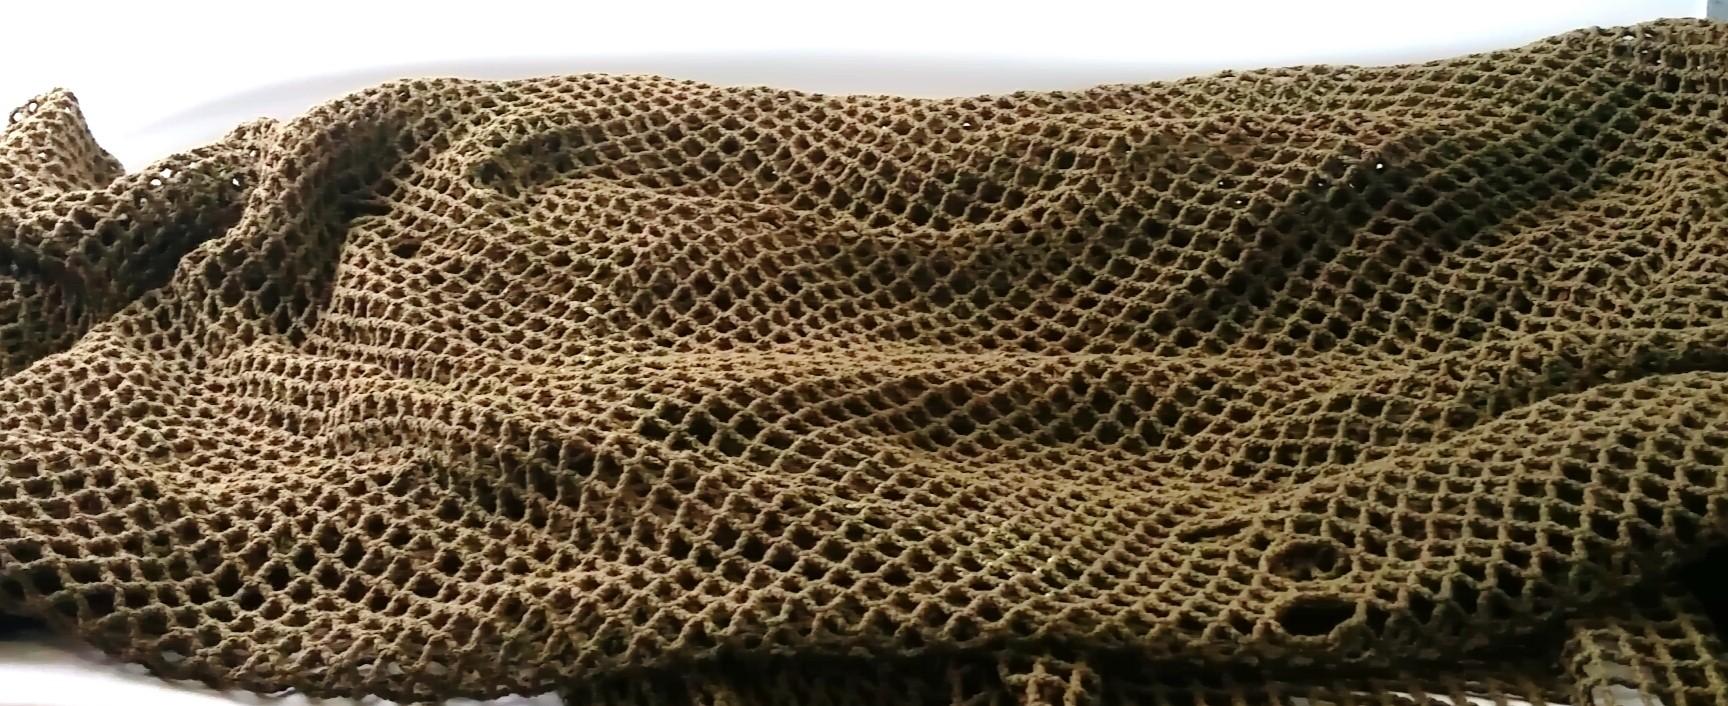 Filet de camouflage Suisse  20 X 20